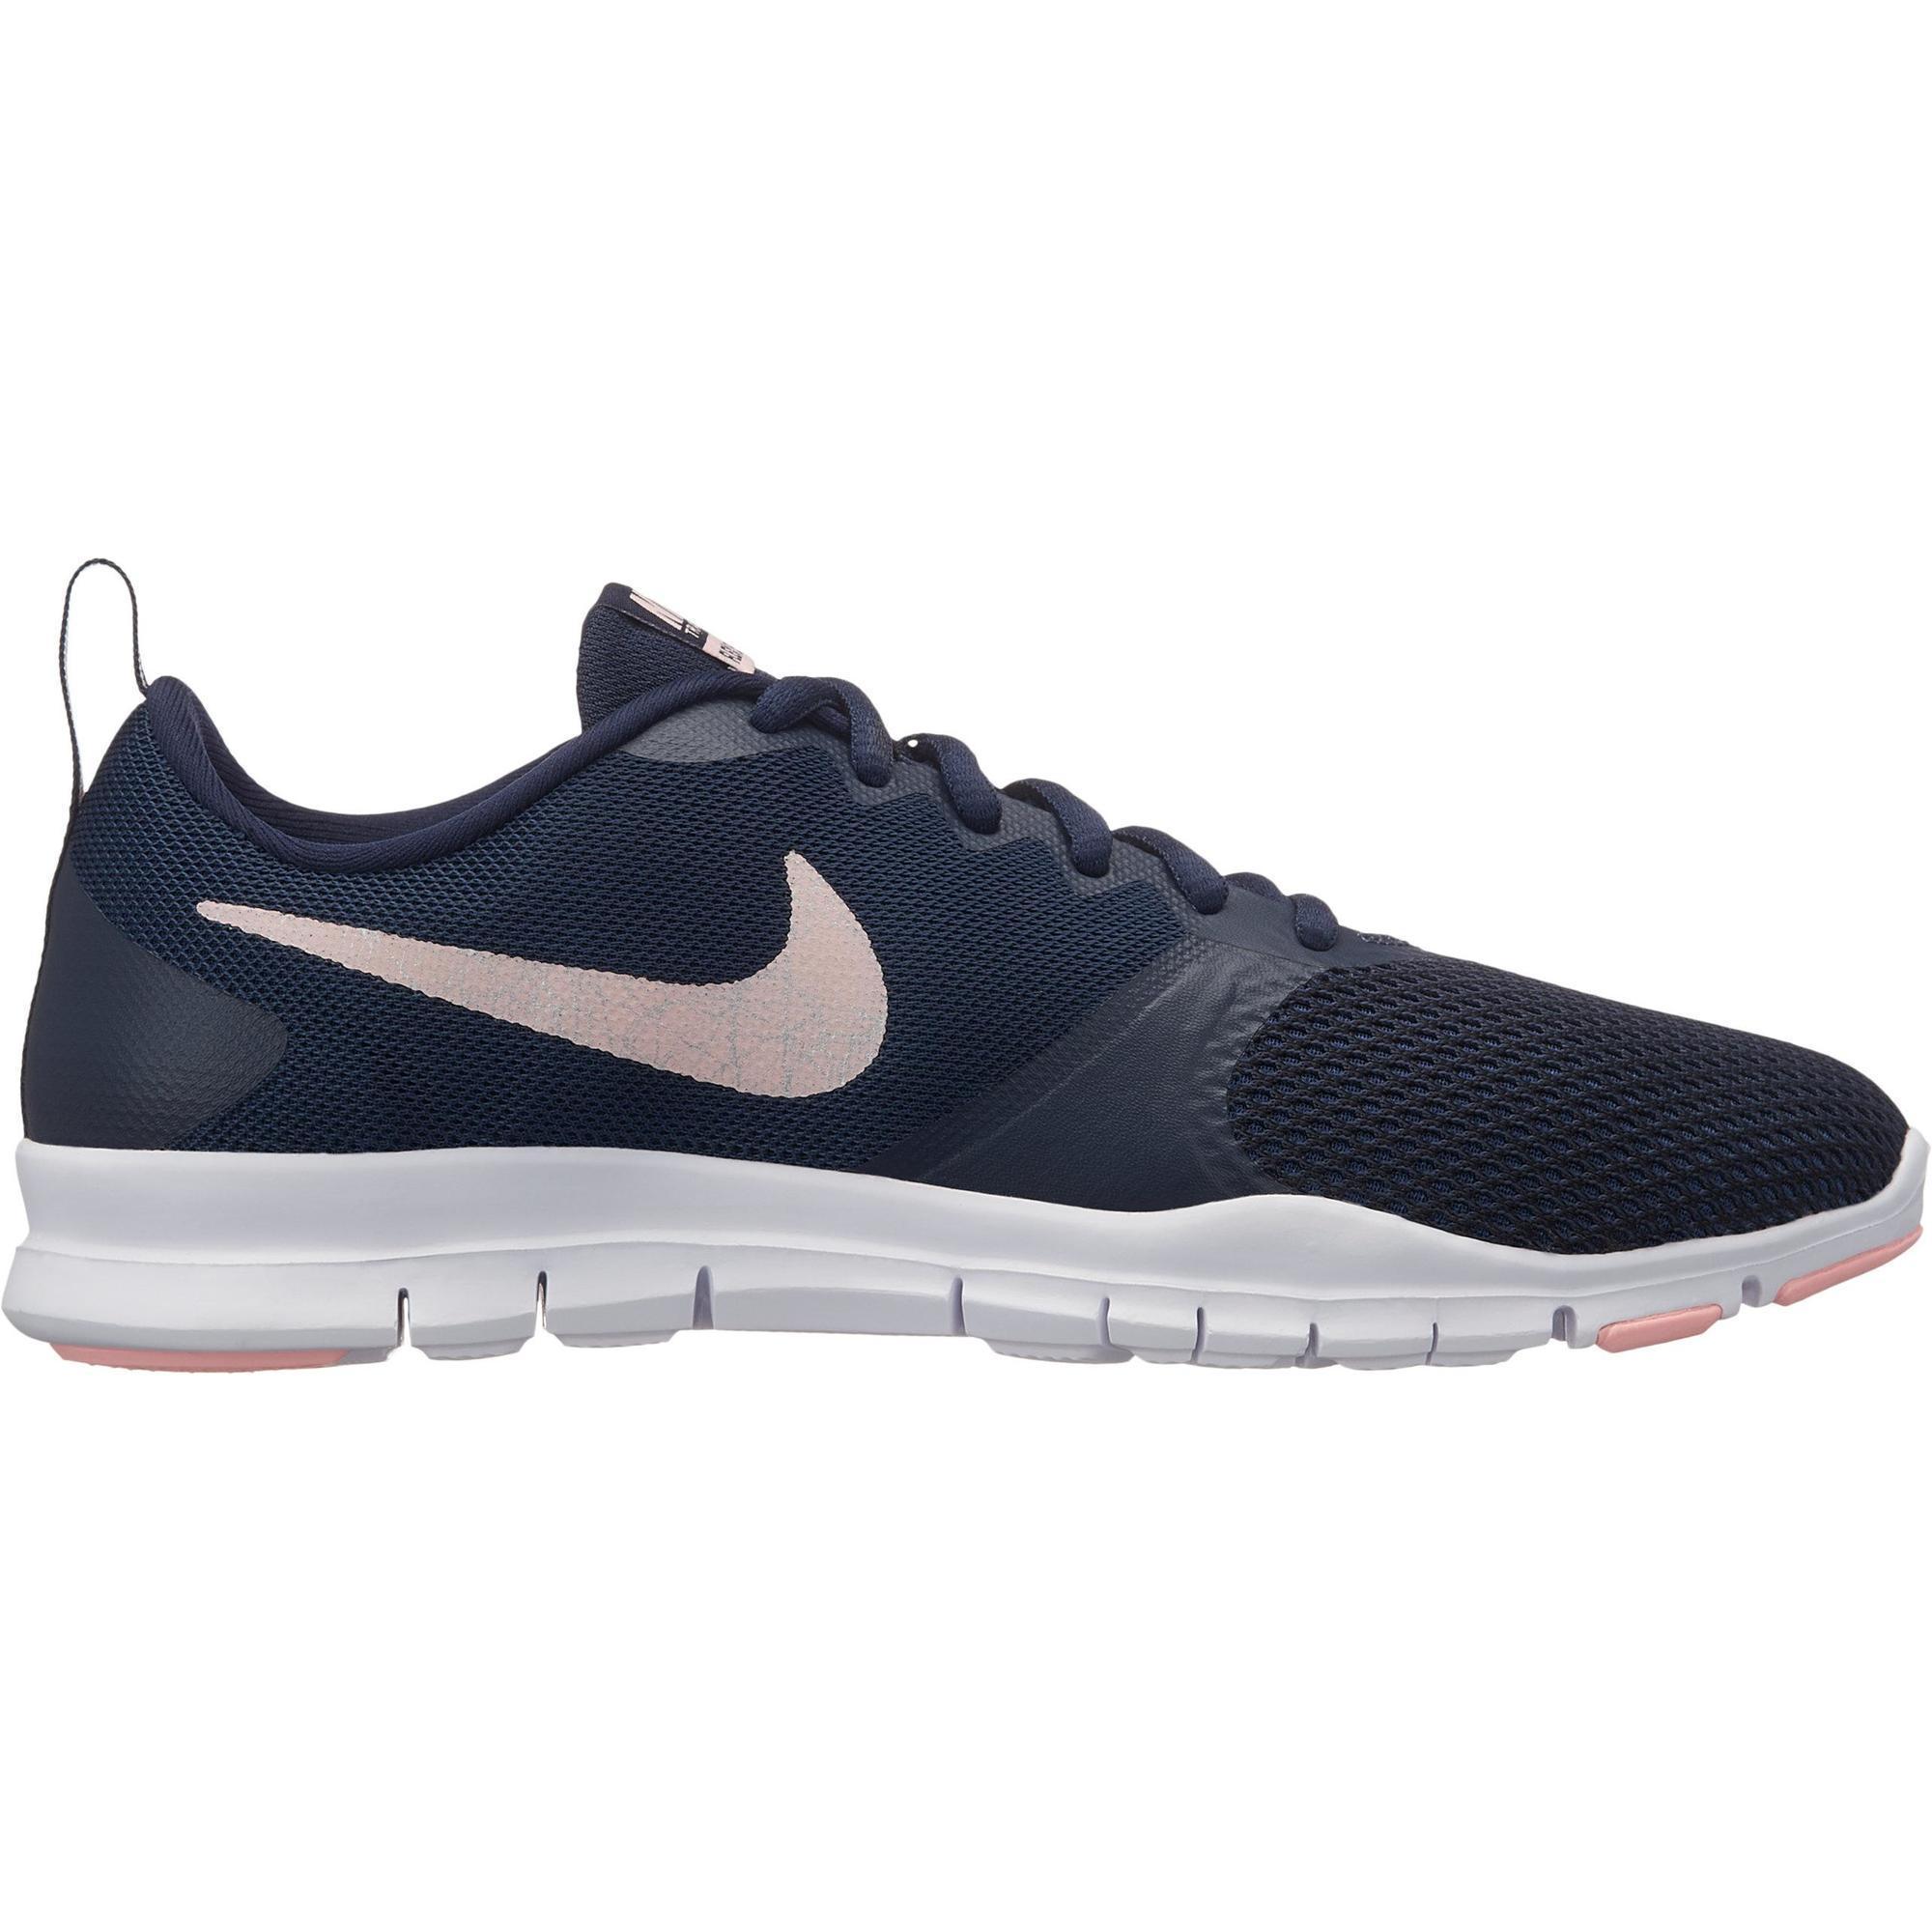 Nike Cardiofitness schoenen Nike Flex Essential voor dames blauw en roze